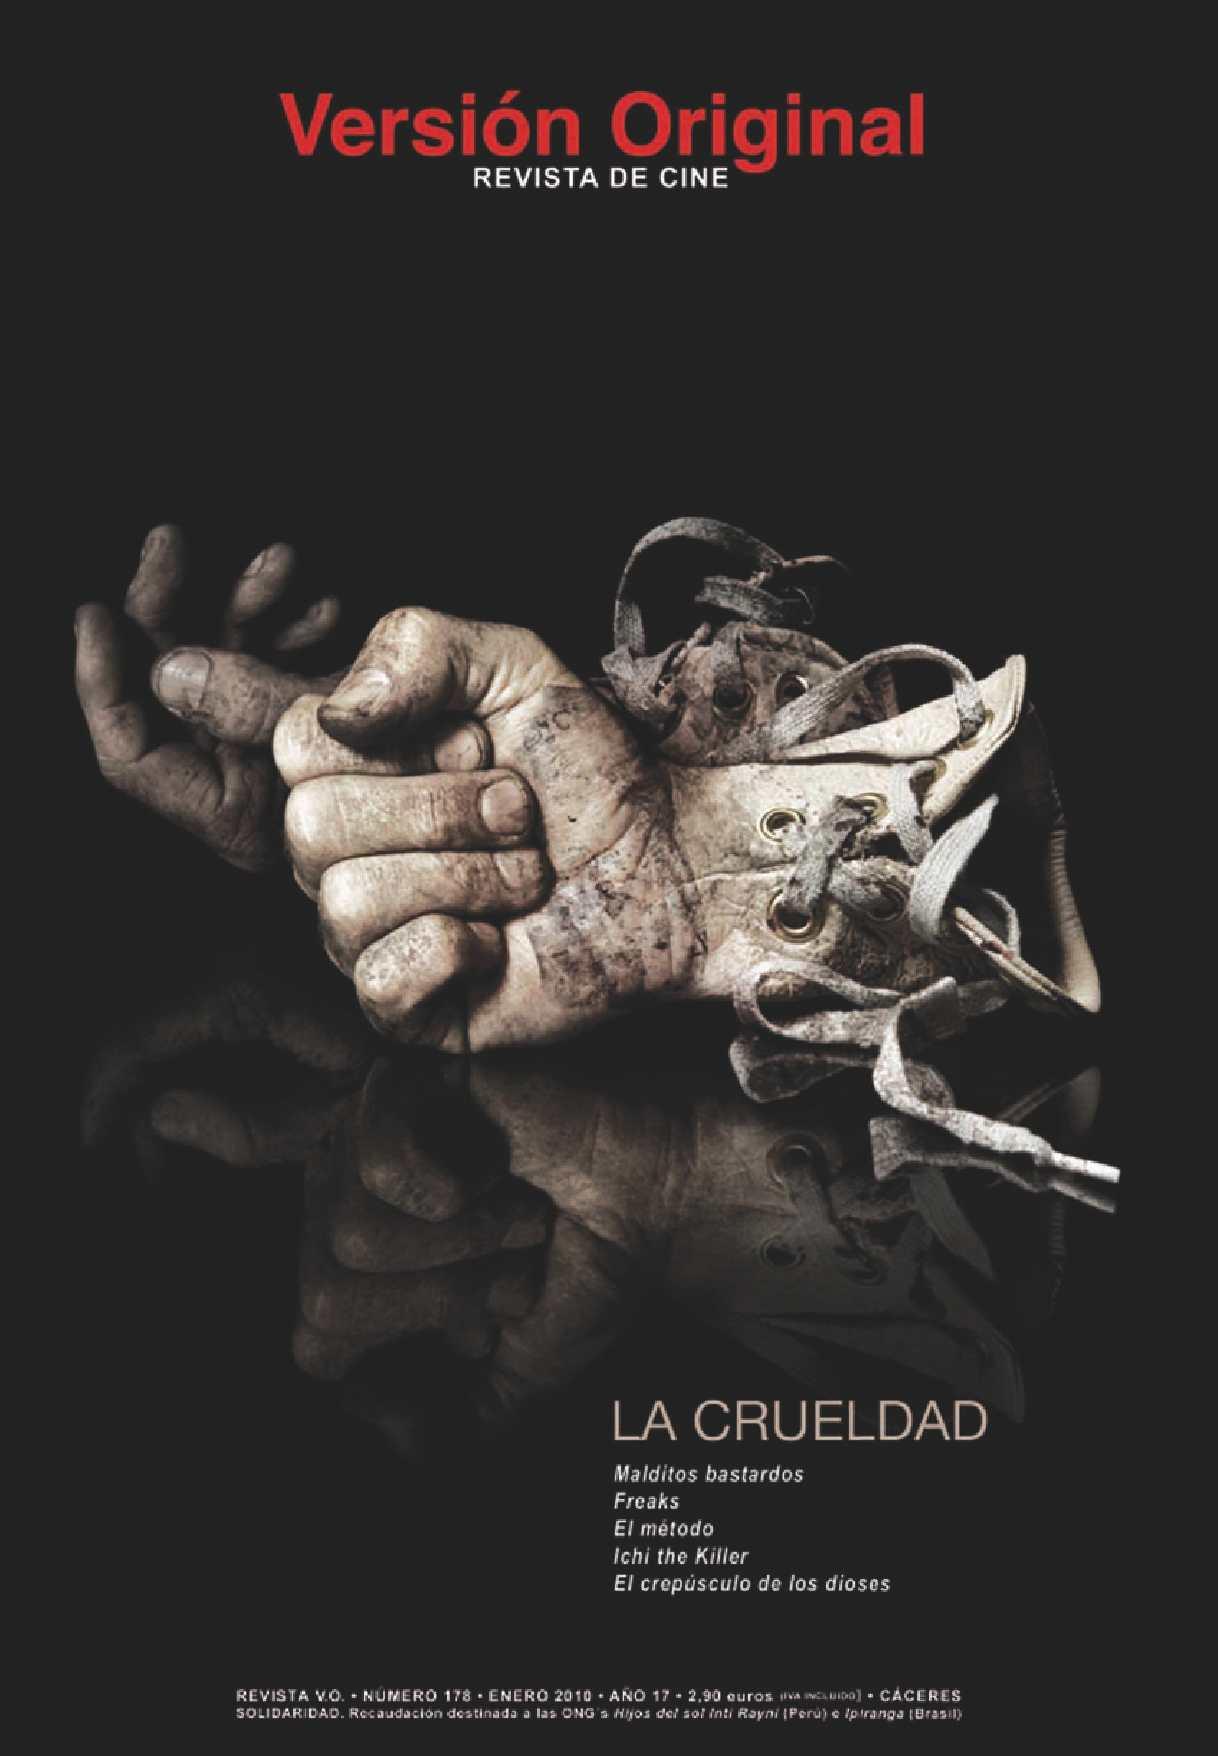 Actrices Porno Maduras Llorando Sometidas Y Torturadas calaméo - versión original 178. la crueldad